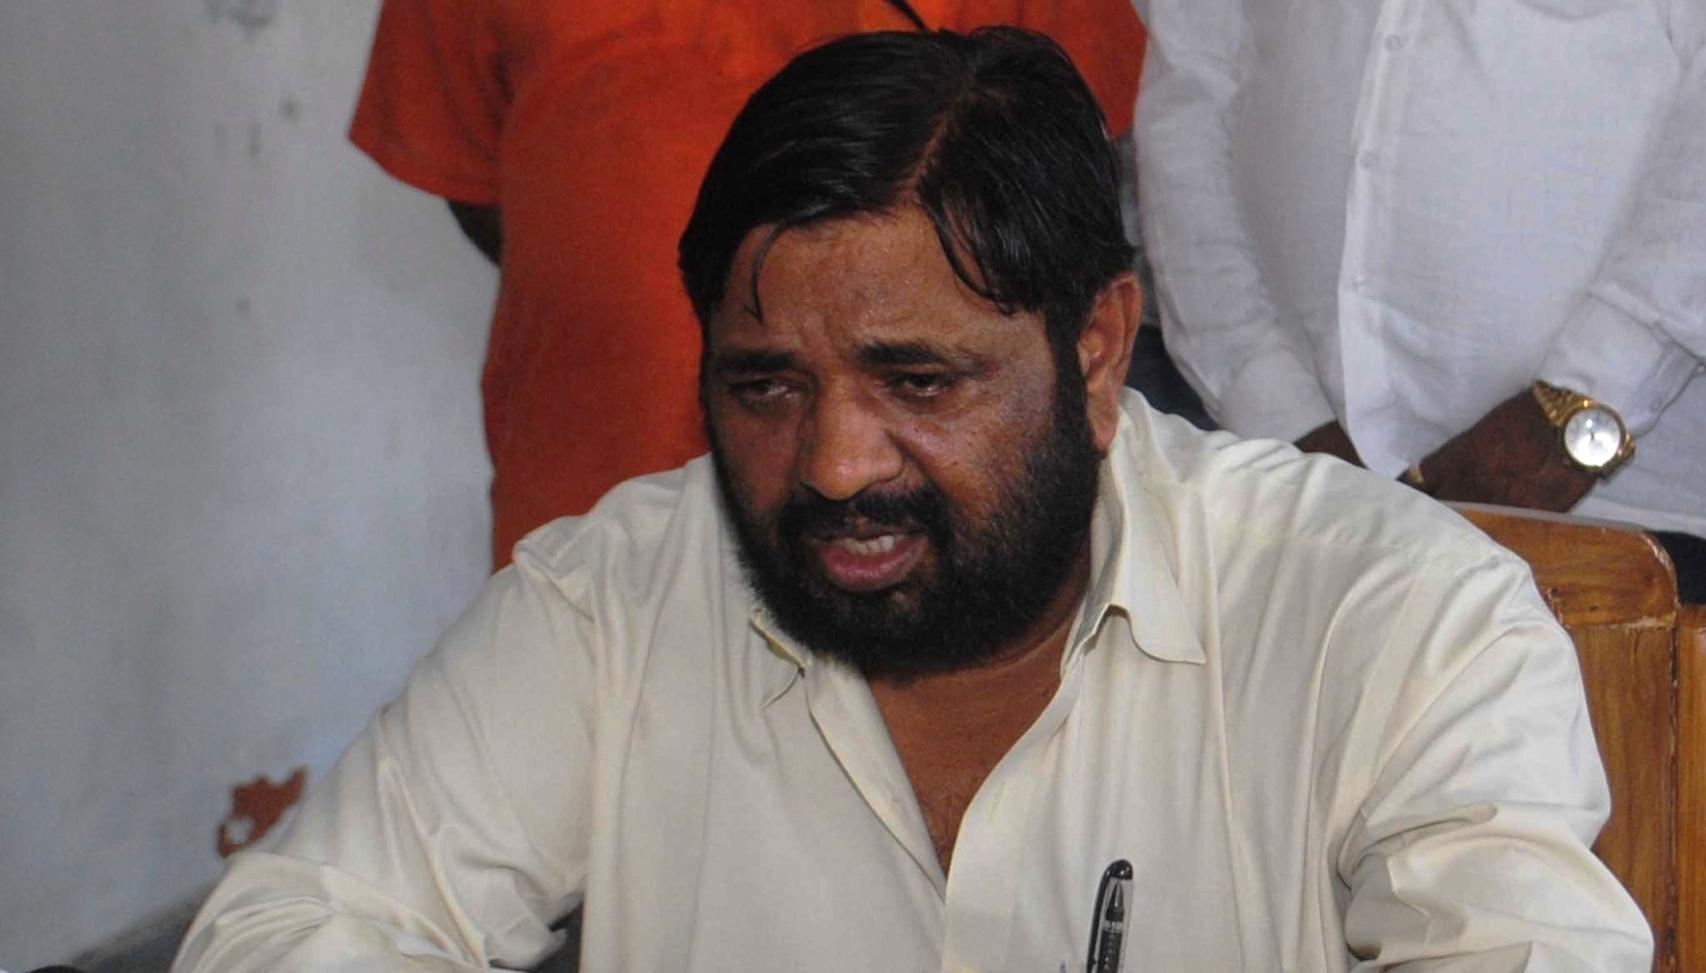 भाजपा सांसद की प्रशासन को चेतावनी, 'अगर लोगों को नहीं मिली ऑक्सीजन को देंगे धरना'